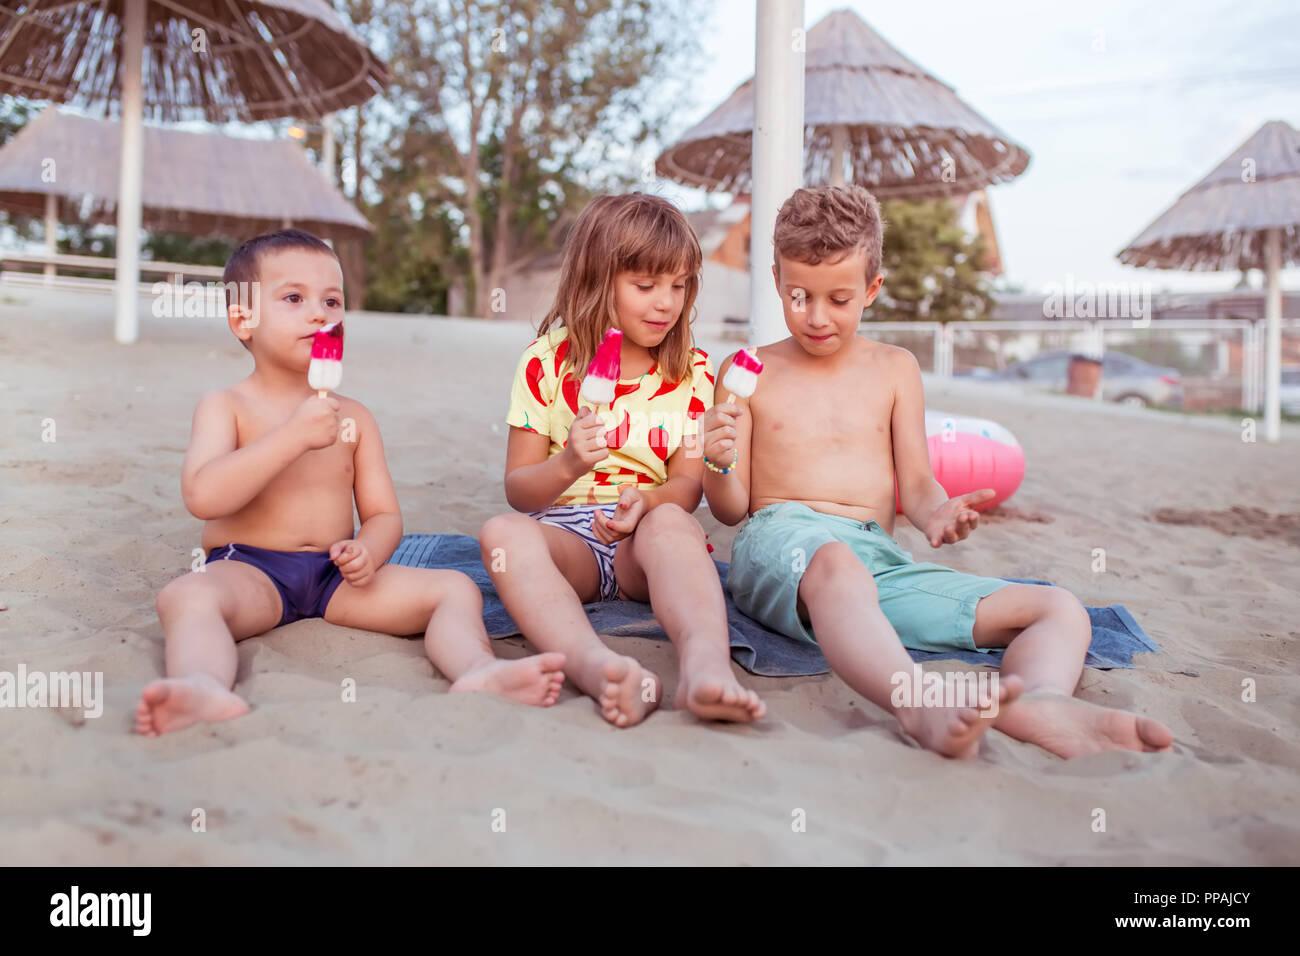 Heureux les enfants positifs assis sur la plage de sable et de manger de la crème glacée. Les gens, les enfants, les amis et l'amitié concept Photo Stock